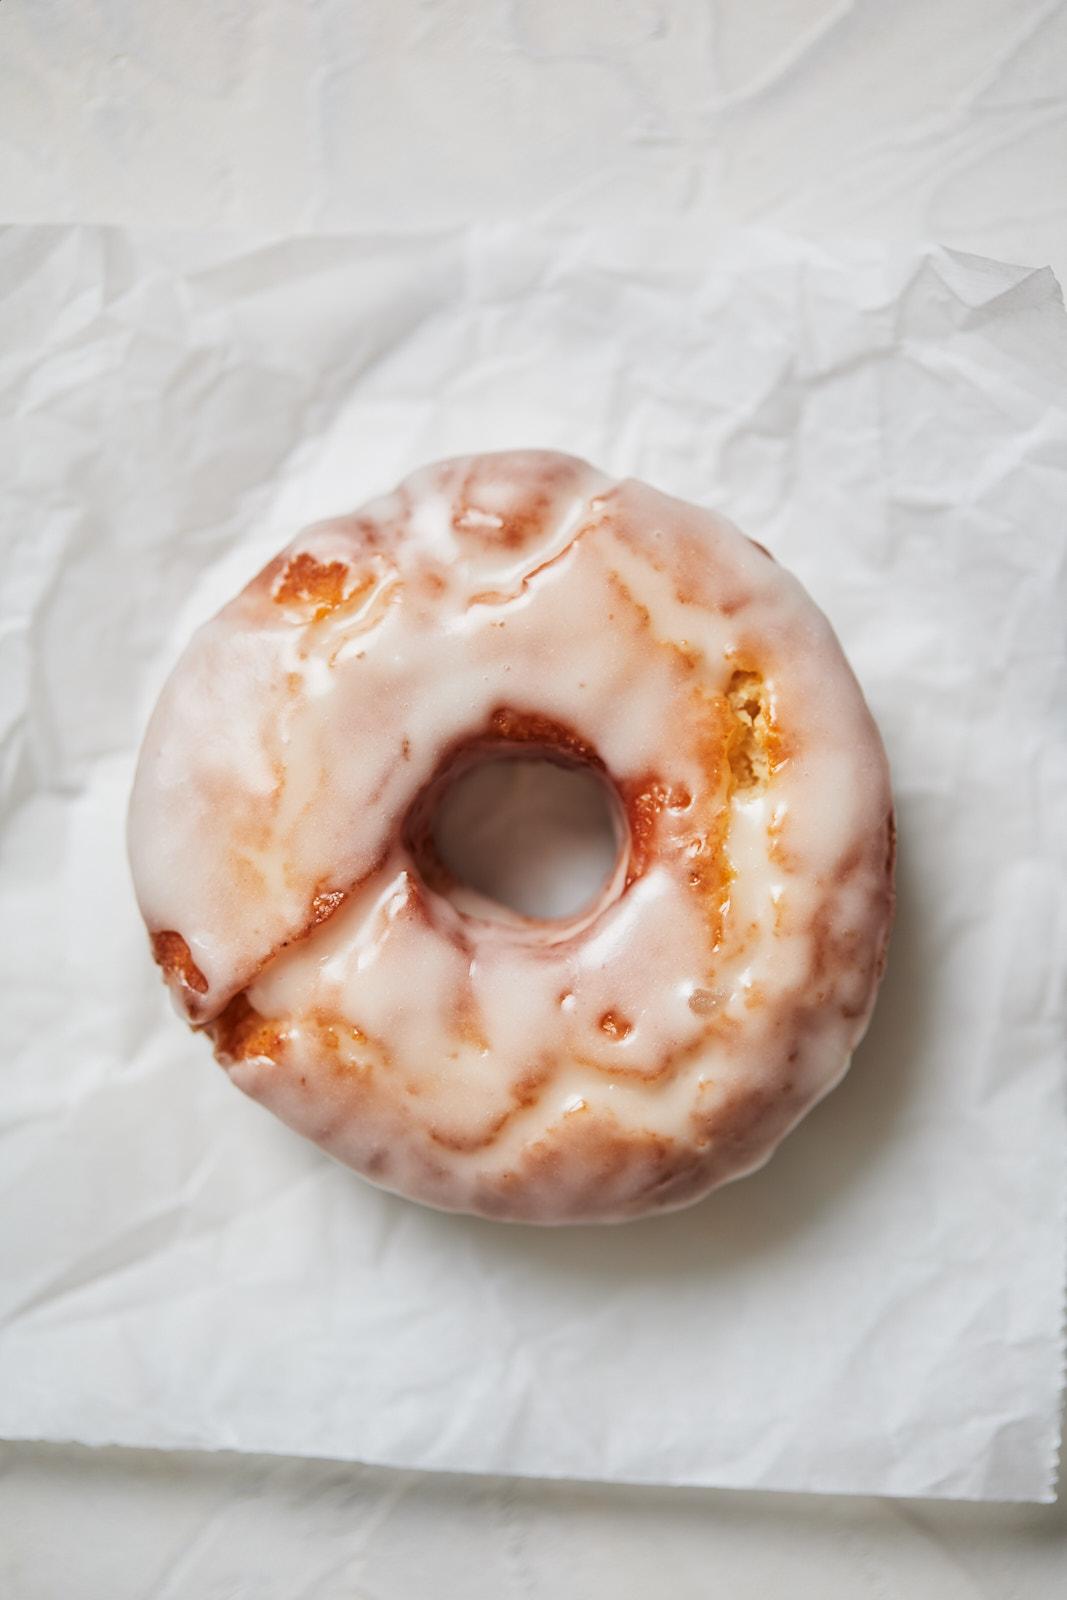 Homemade Sour Cream Glazed Doughnuts